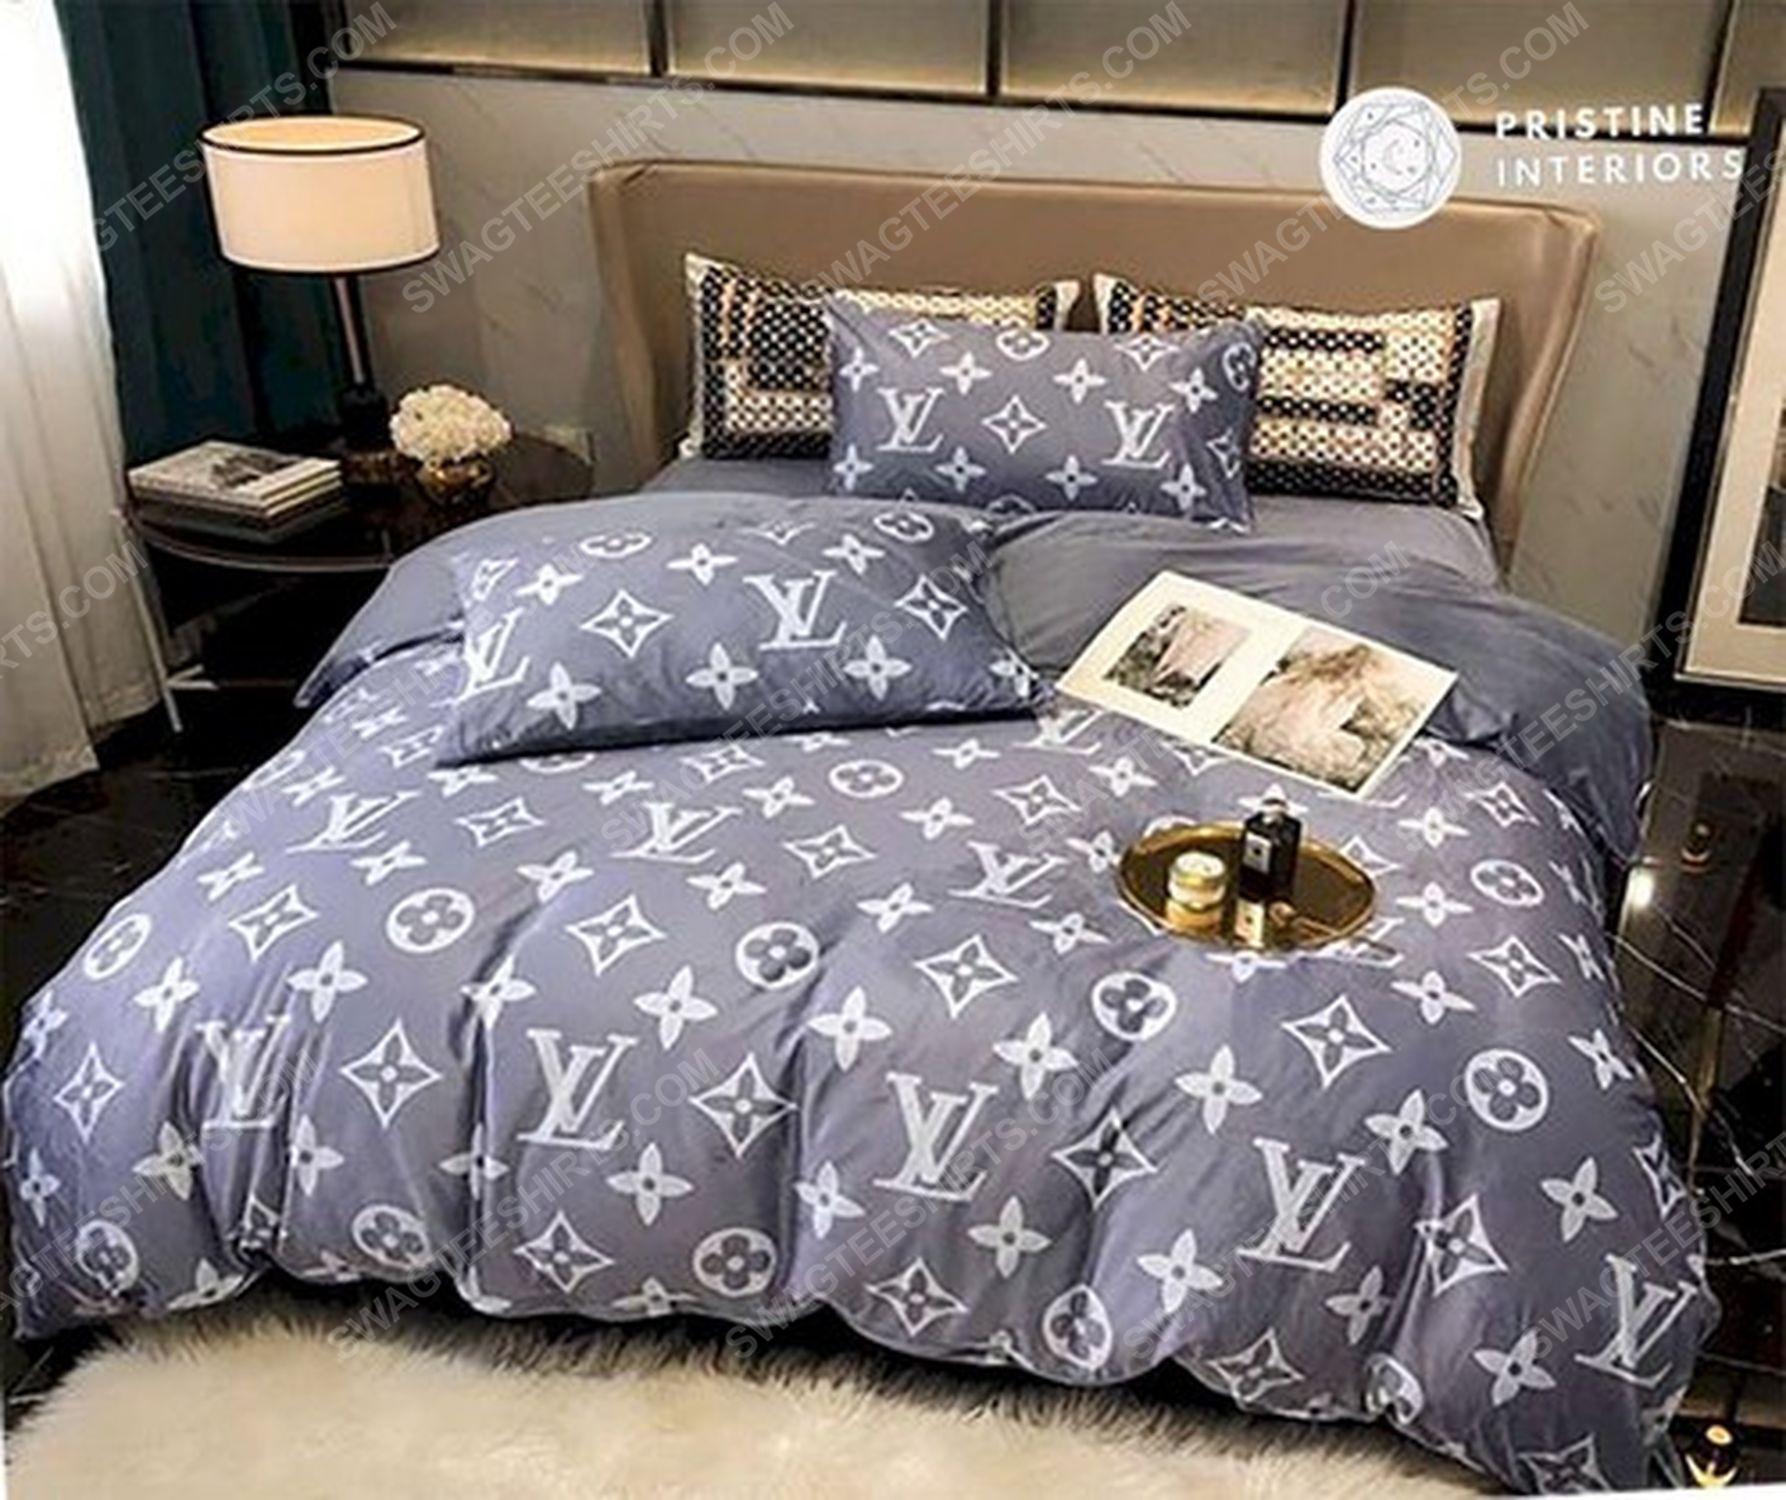 Lv monogram full print duvet cover bedding set 2 - Copy